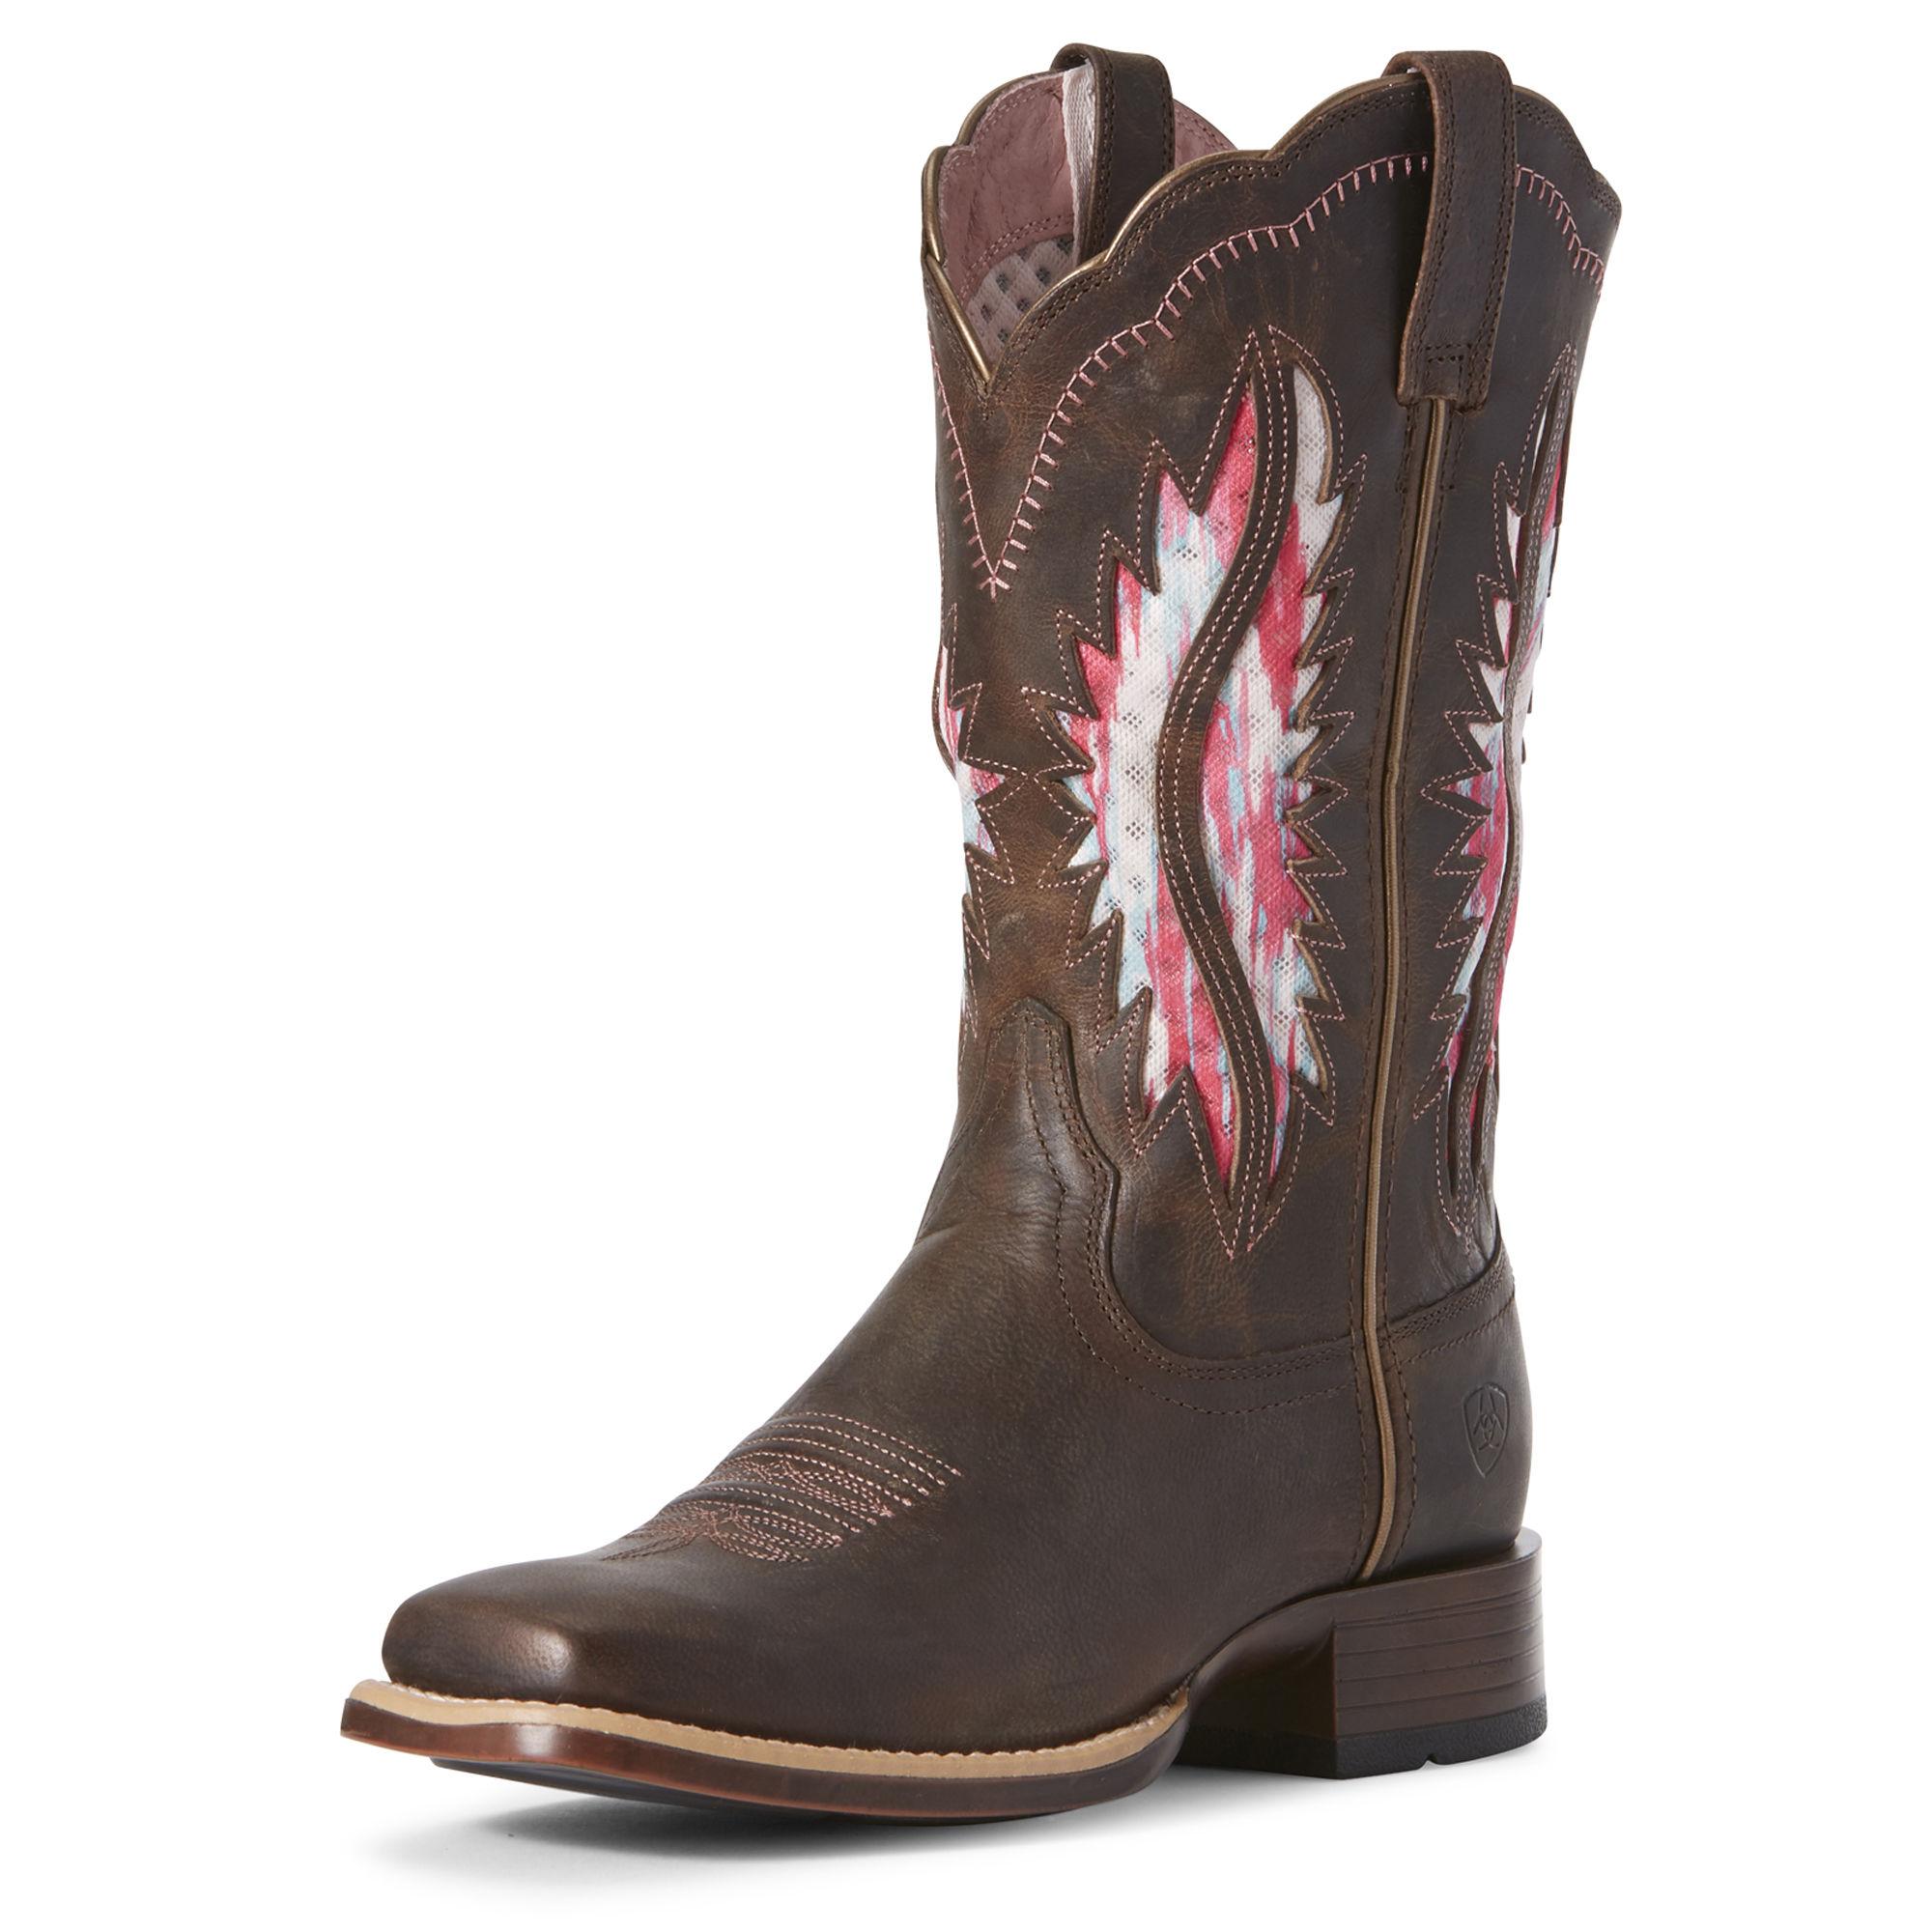 Ariat Womens Solana Venttek Boots